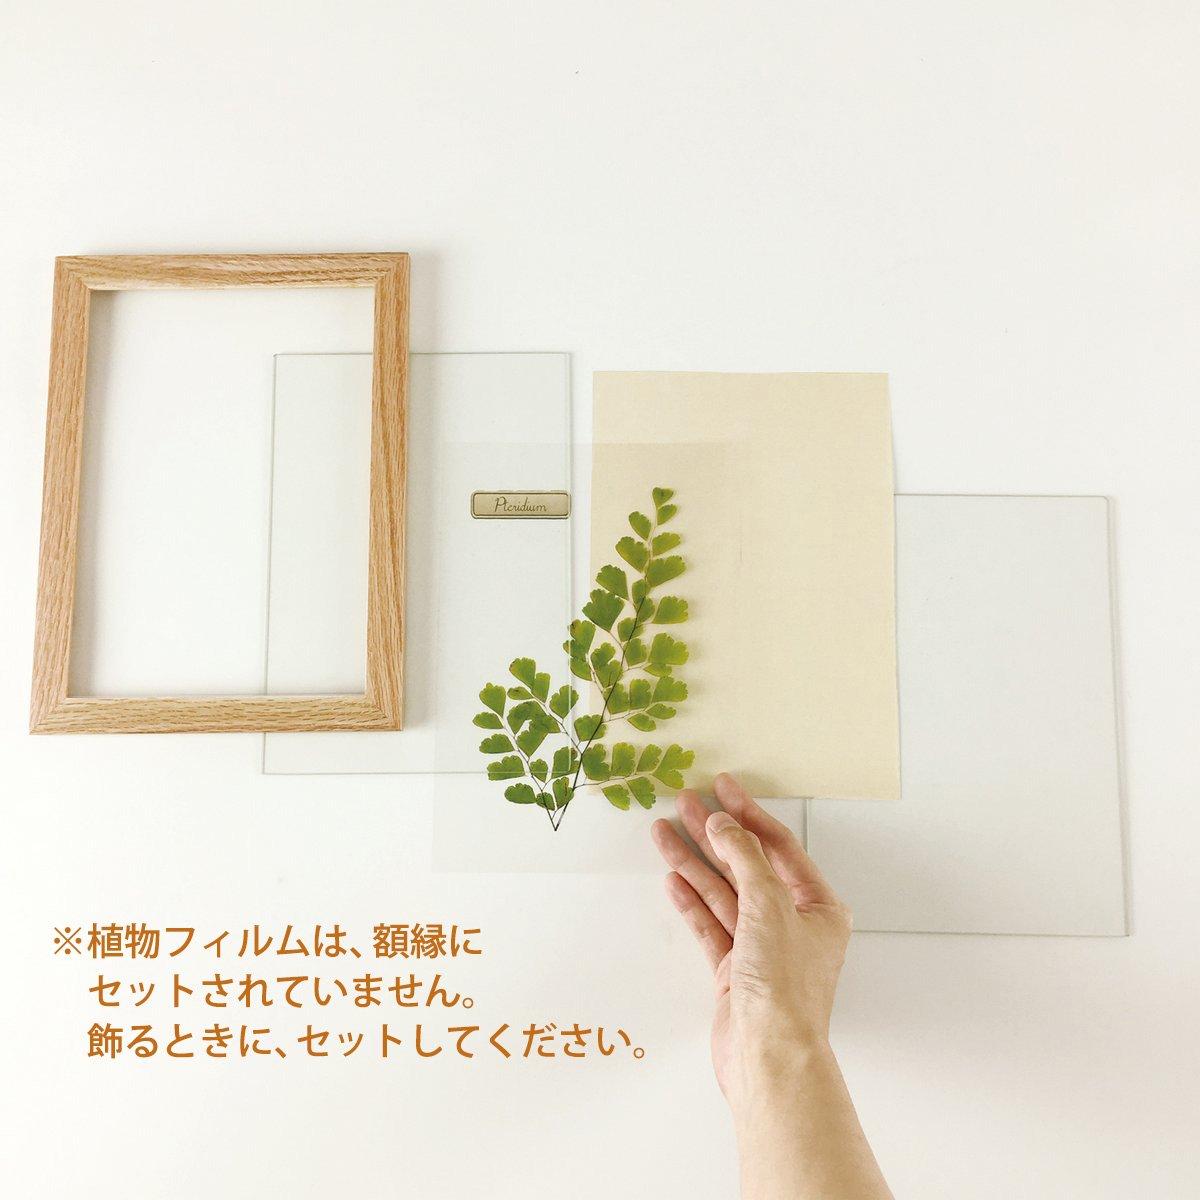 【アートフレーム】ハーバリウムフレーム ナズナ/ナチュラル(壁掛け)